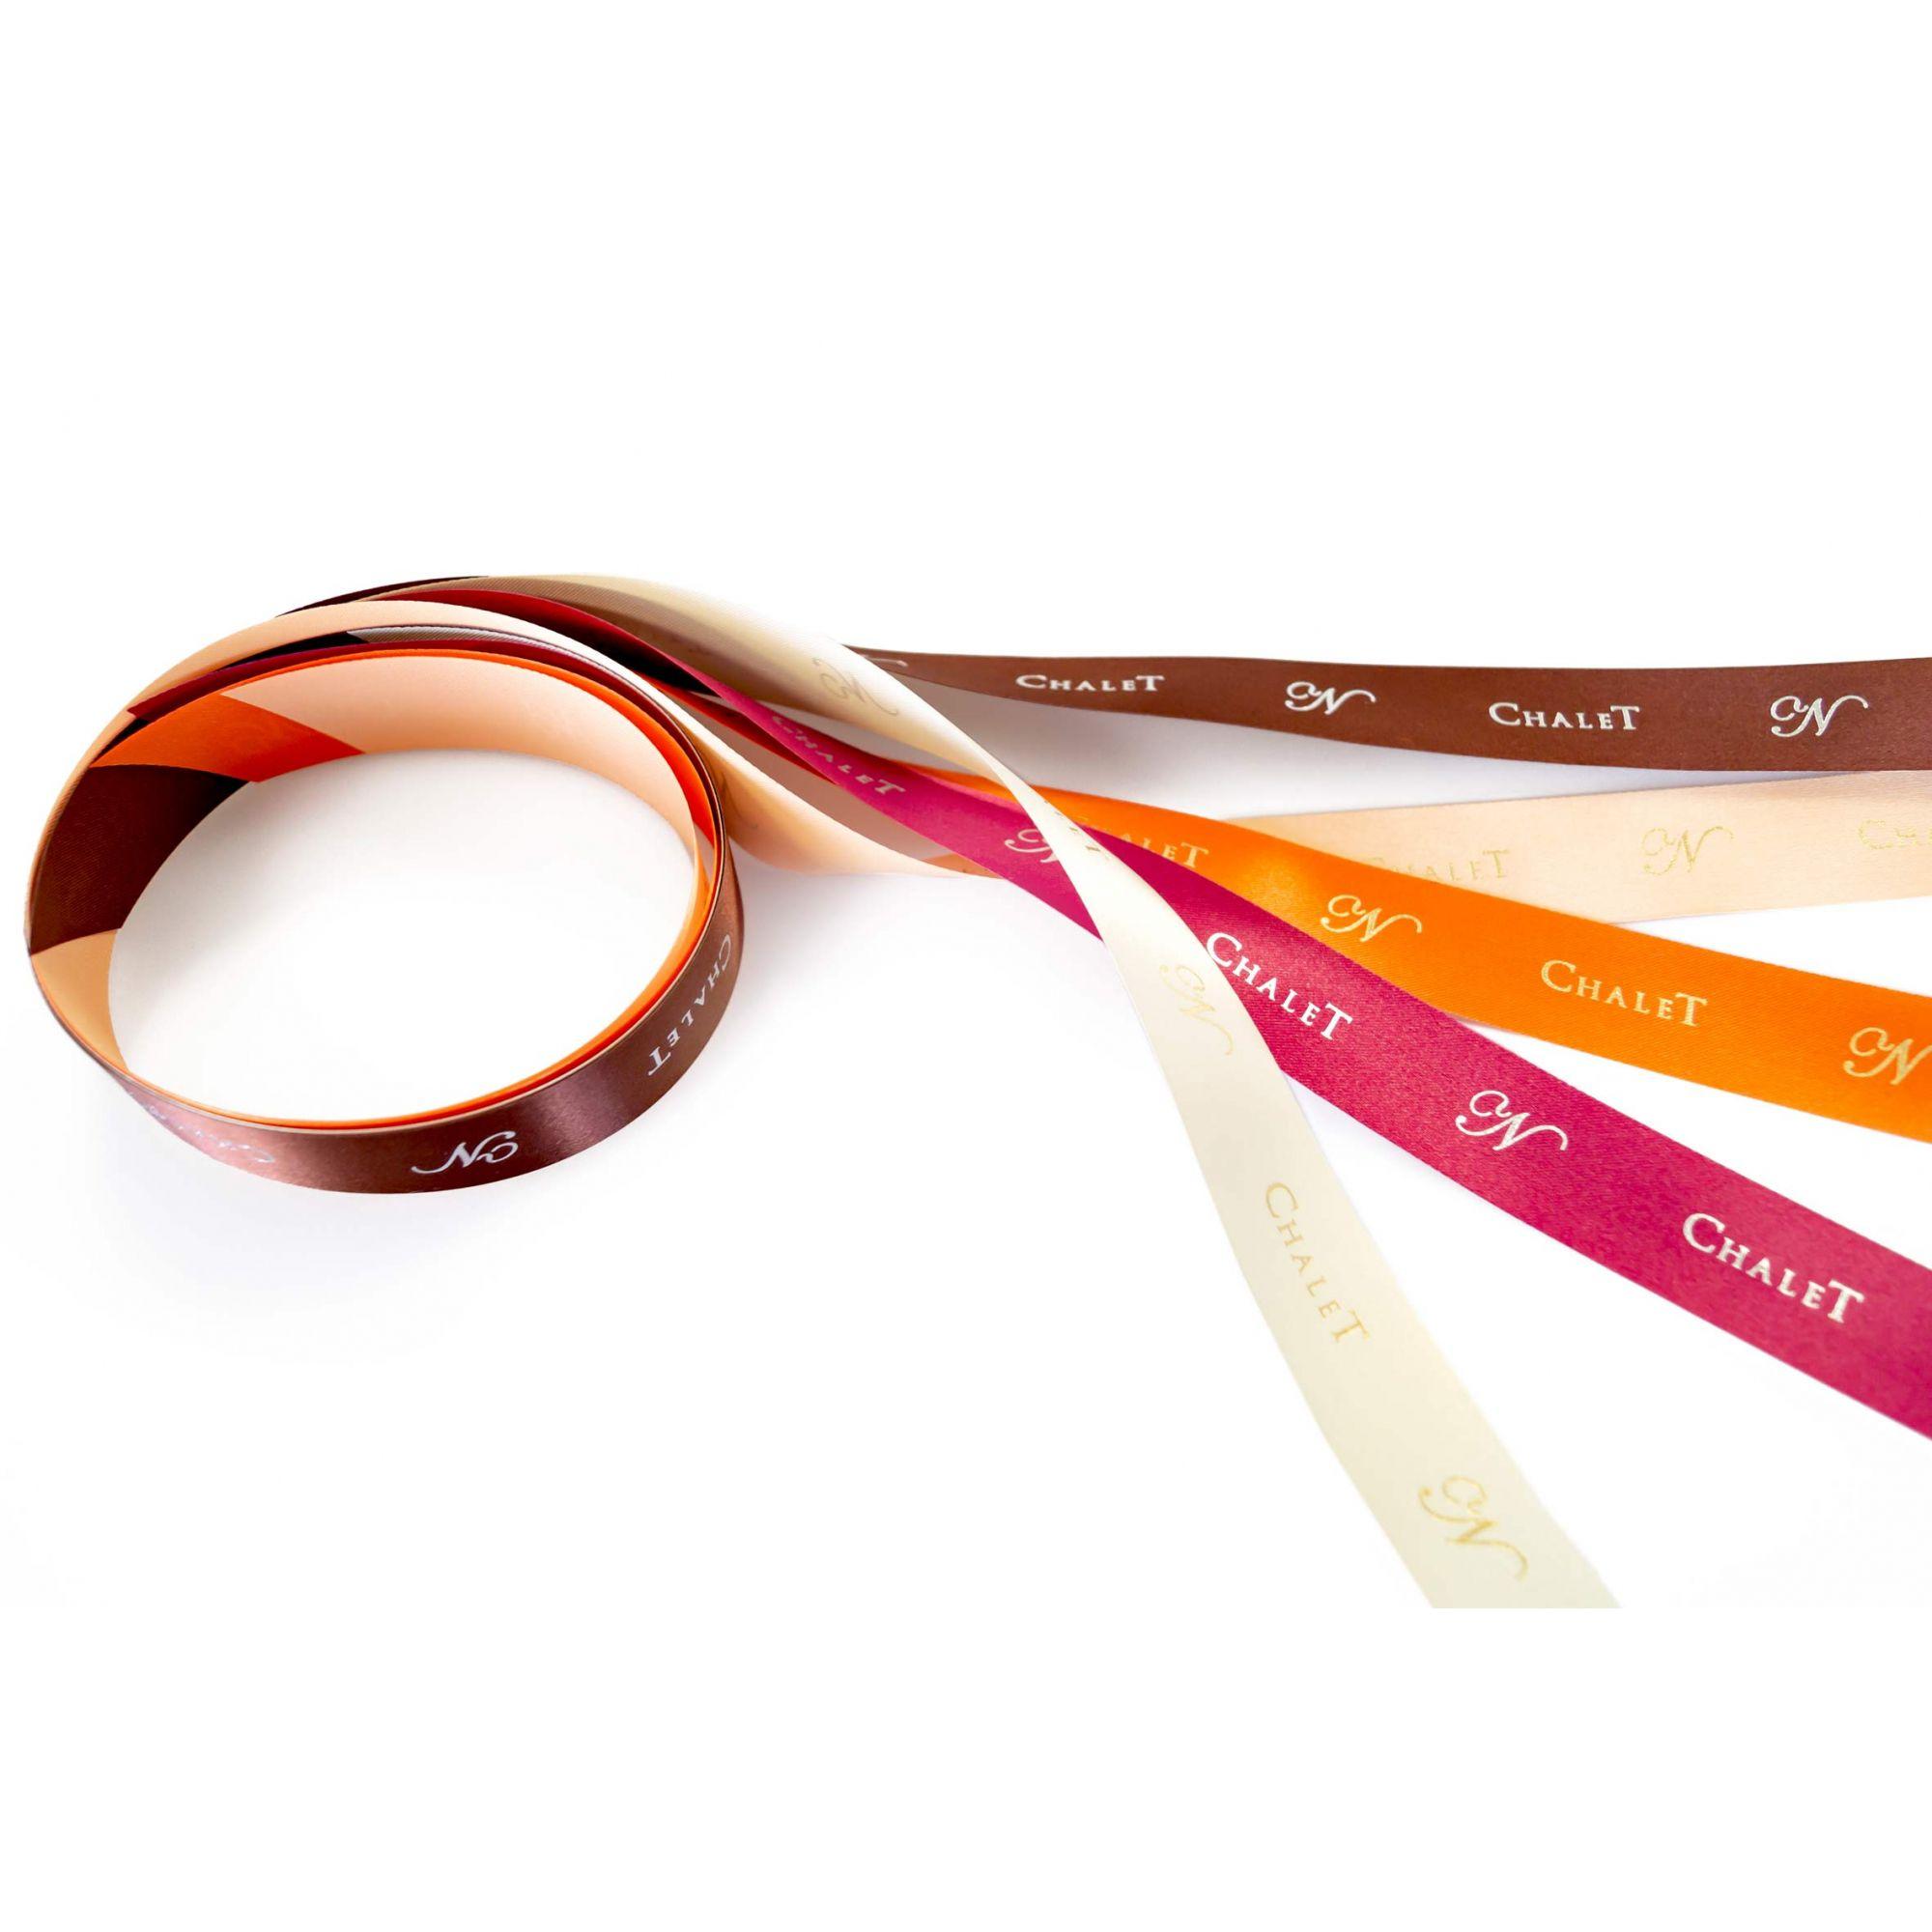 Fita de cetim personalizada 10mm  - Impressão Foil Metalizado  ou serigrafia 1 cor - Preço por metro  - Linha cristal 4545  - Litex Embalagens